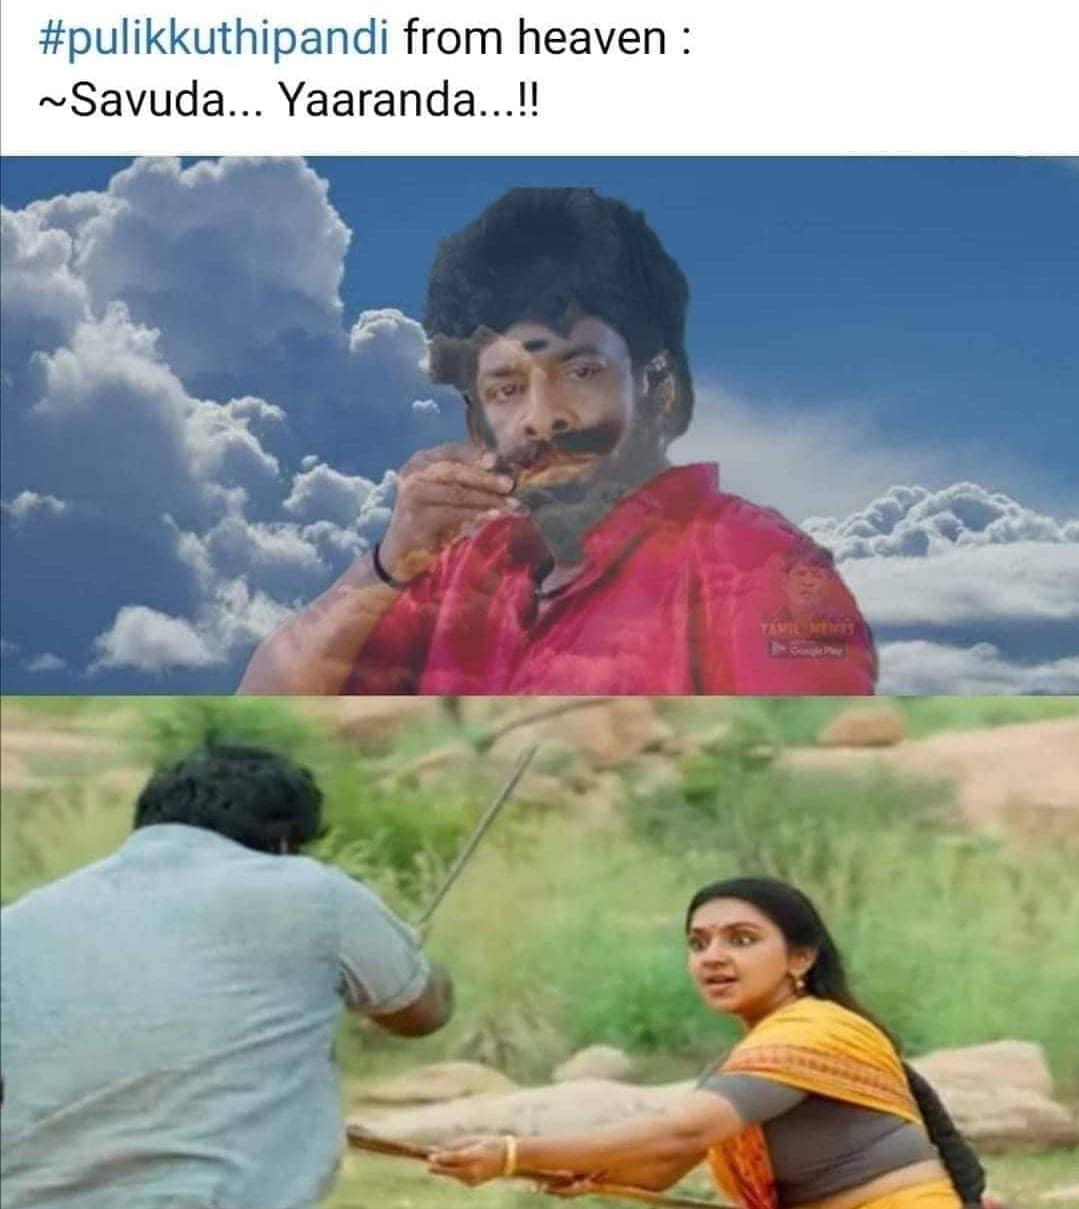 இணையத்தை கலக்கும் புலிக்குத்தி பாண்டி VS பூமி திரைப்பட மீம்ஸ்கள்